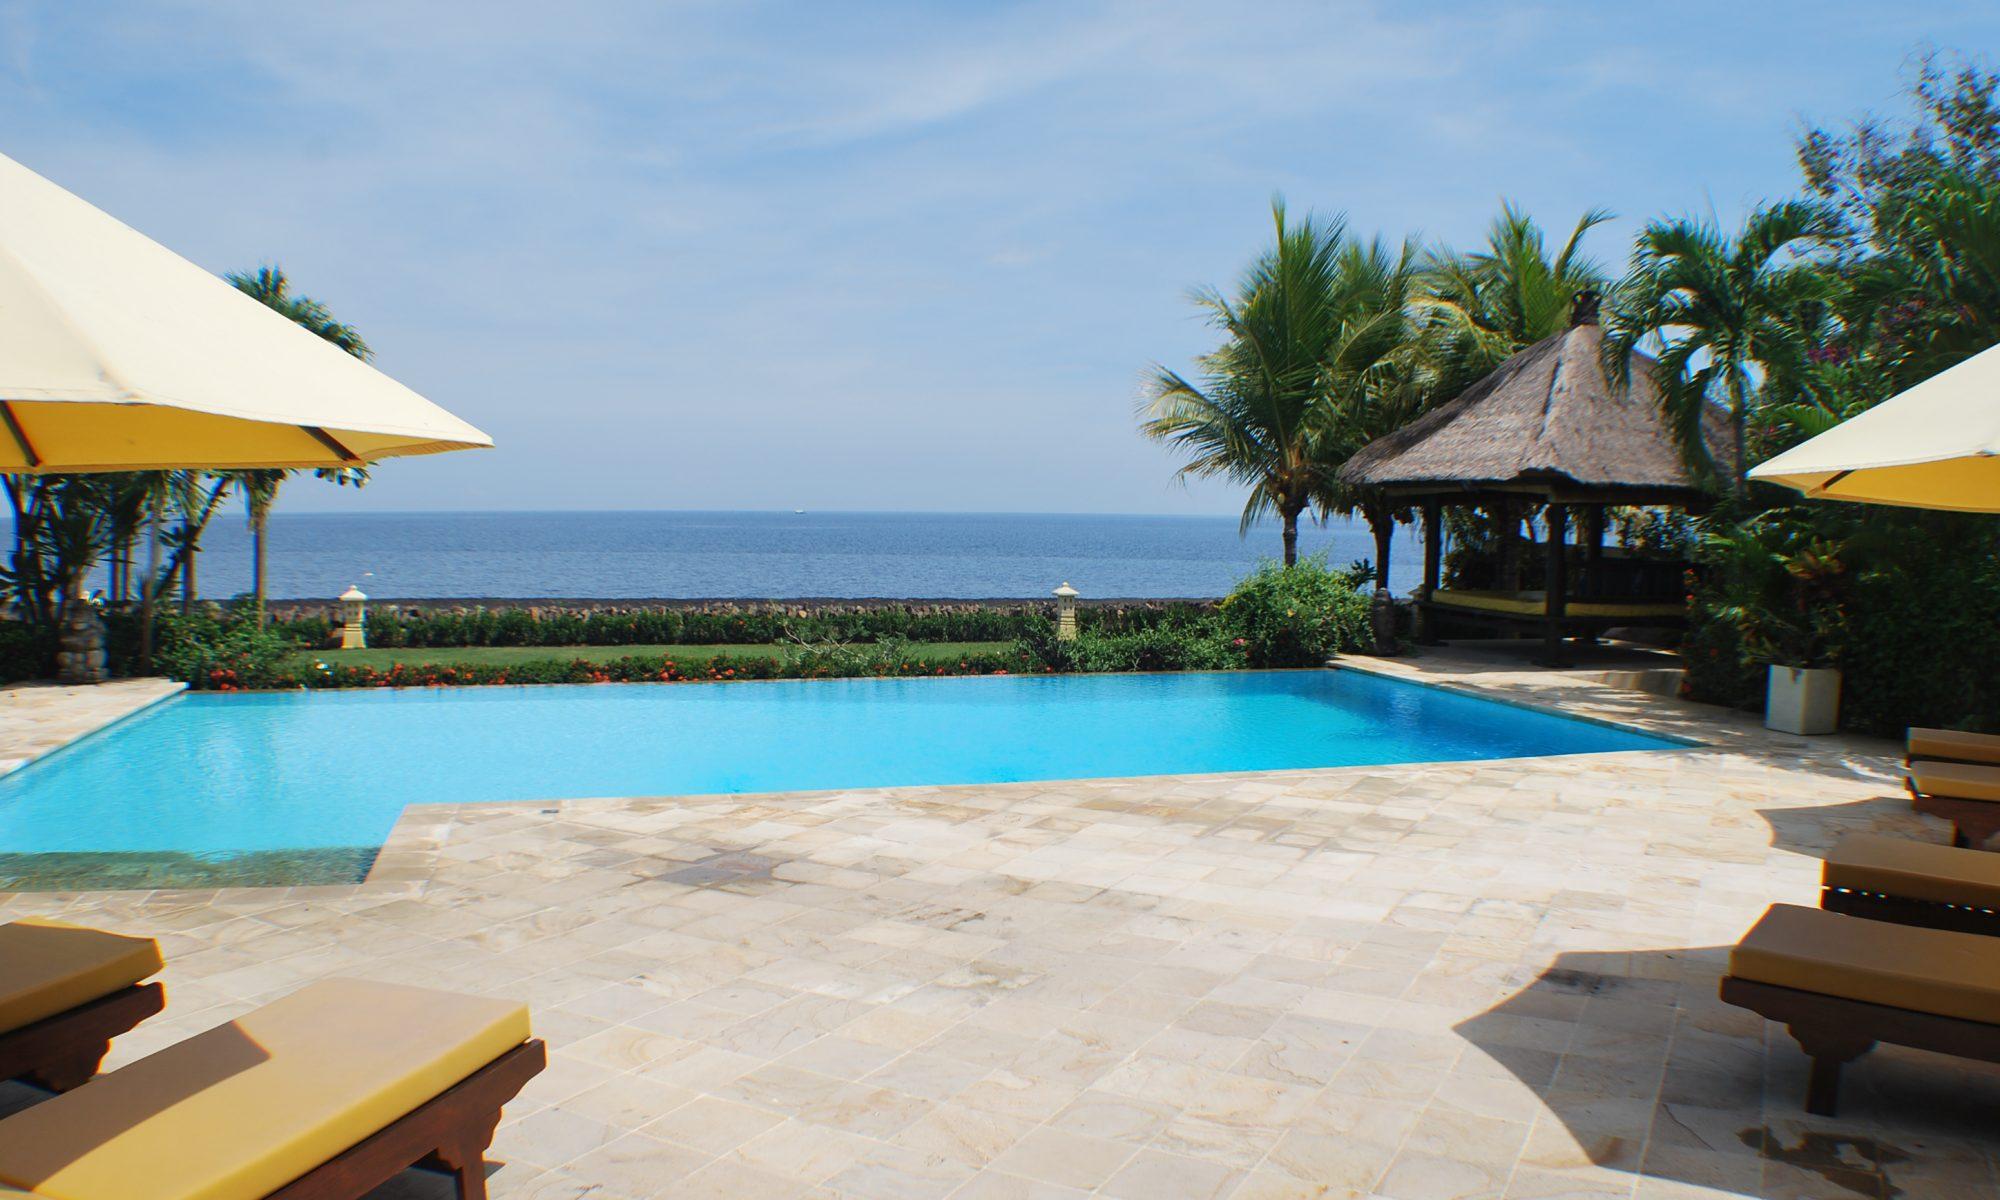 Villa Cerah Bali Holiday House